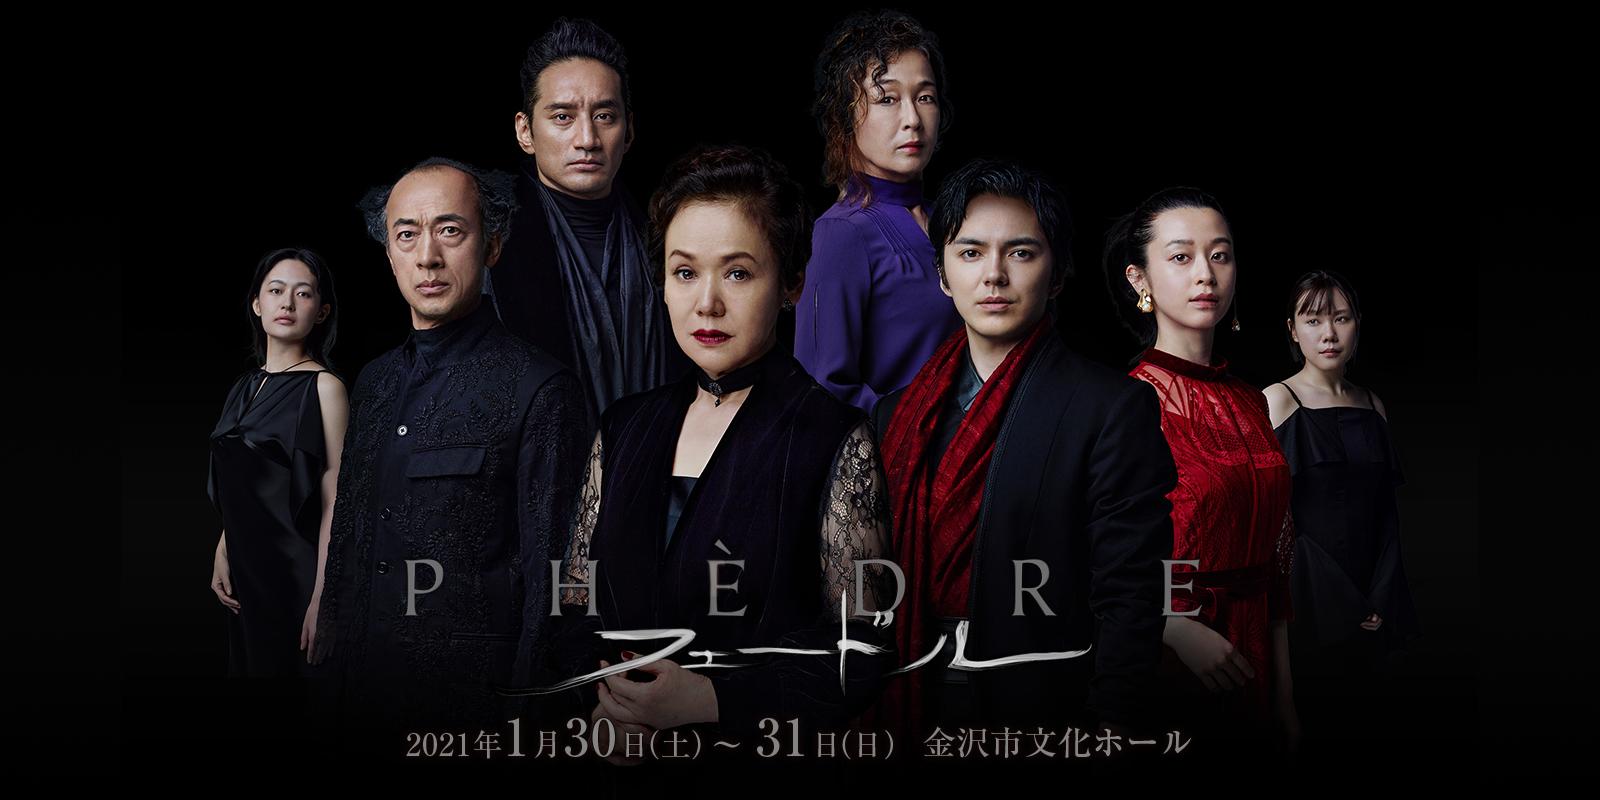 舞台「フェードル」金沢公演